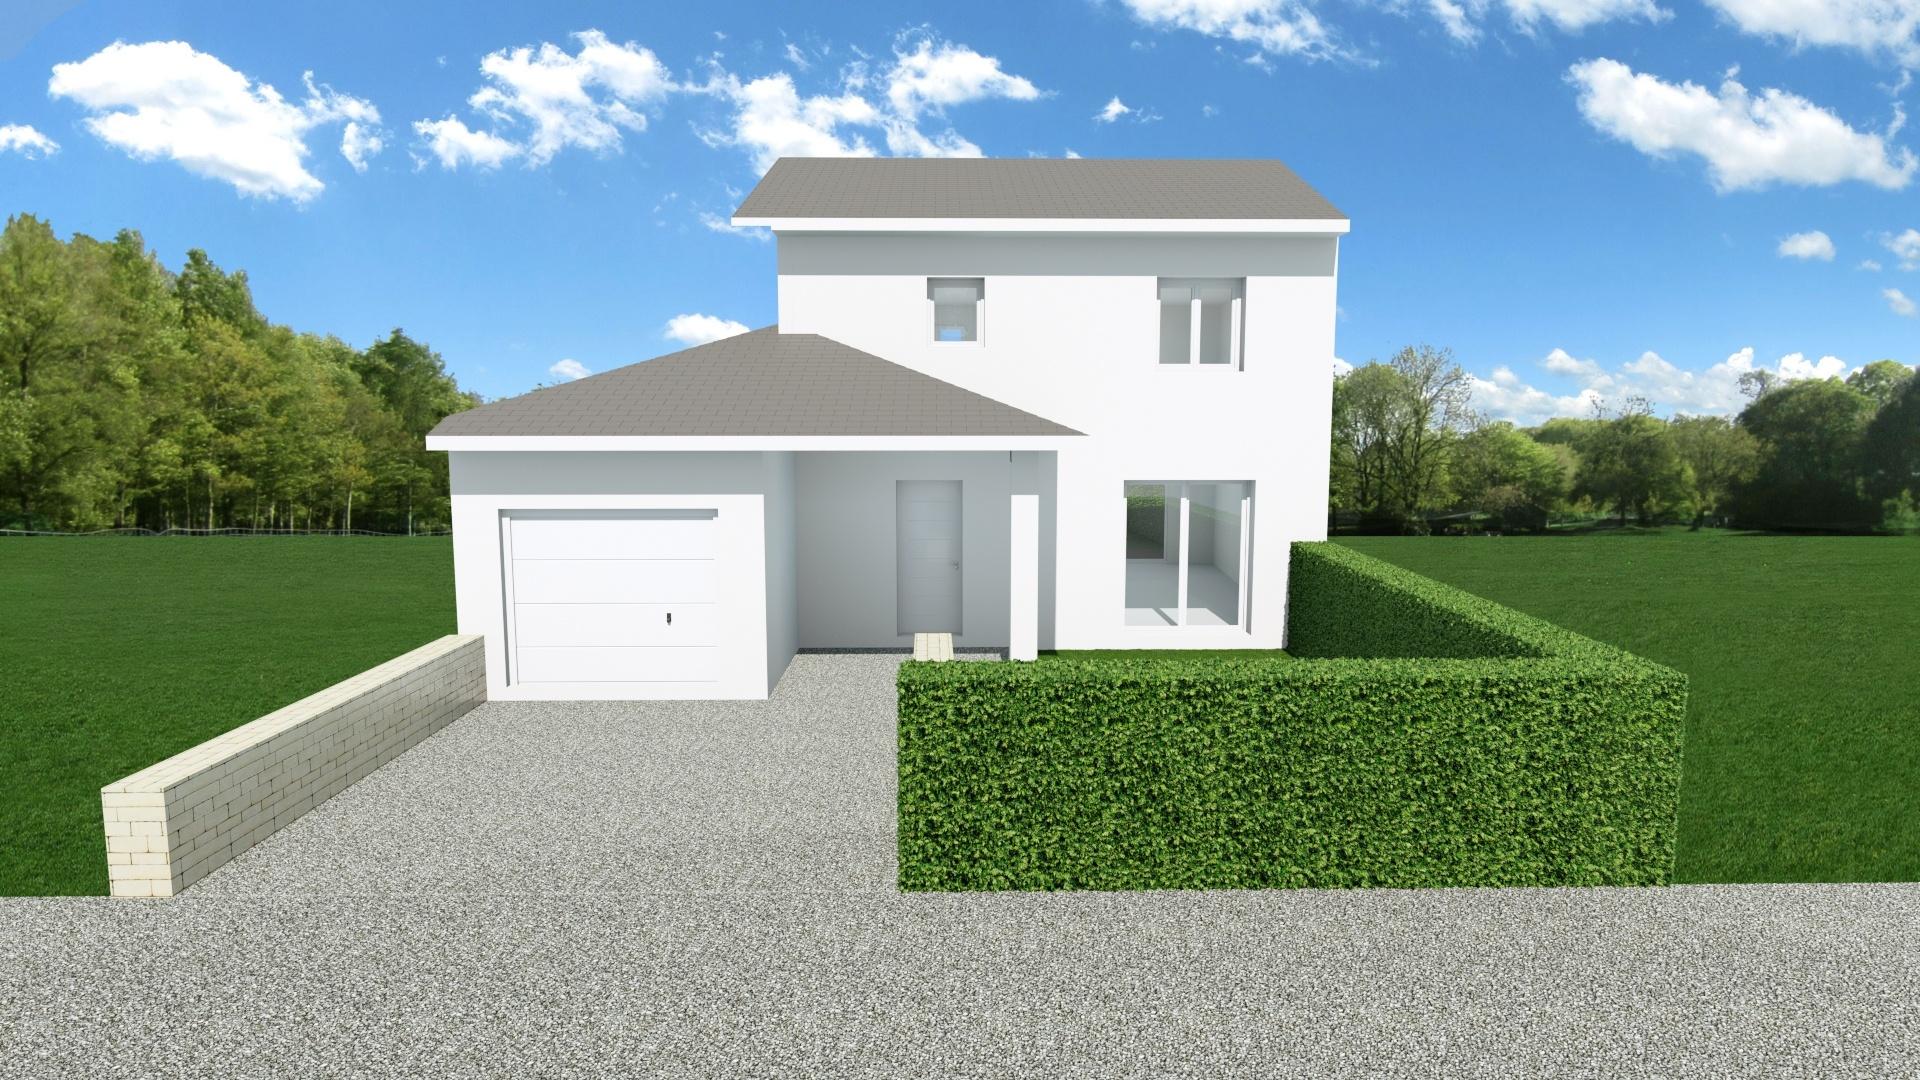 Maisons + Terrains du constructeur MAISONS AXIAL • 91 m² • LES EPARRES